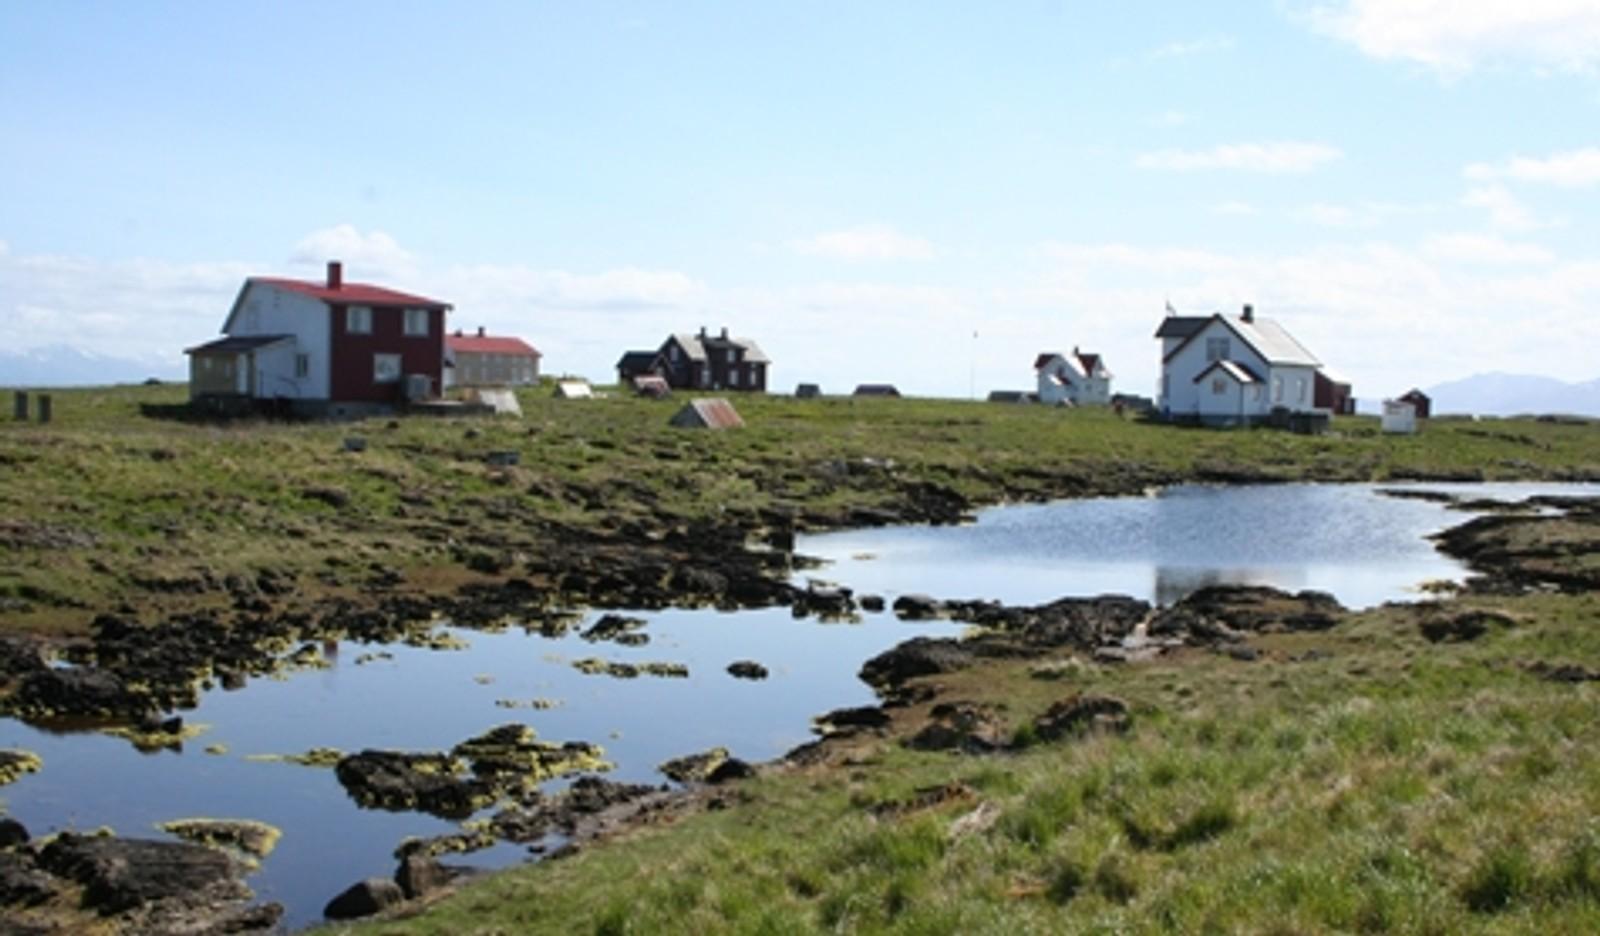 VEGAØYAN: ligger på Helgelandskysten i Nordland. Området er 1037 kvadratkilometer stort og omfatter øyer, holmer, skjær og sjø. Det består av femten øyvær, hvorav totalt 59 av øyene har vært bebodd.